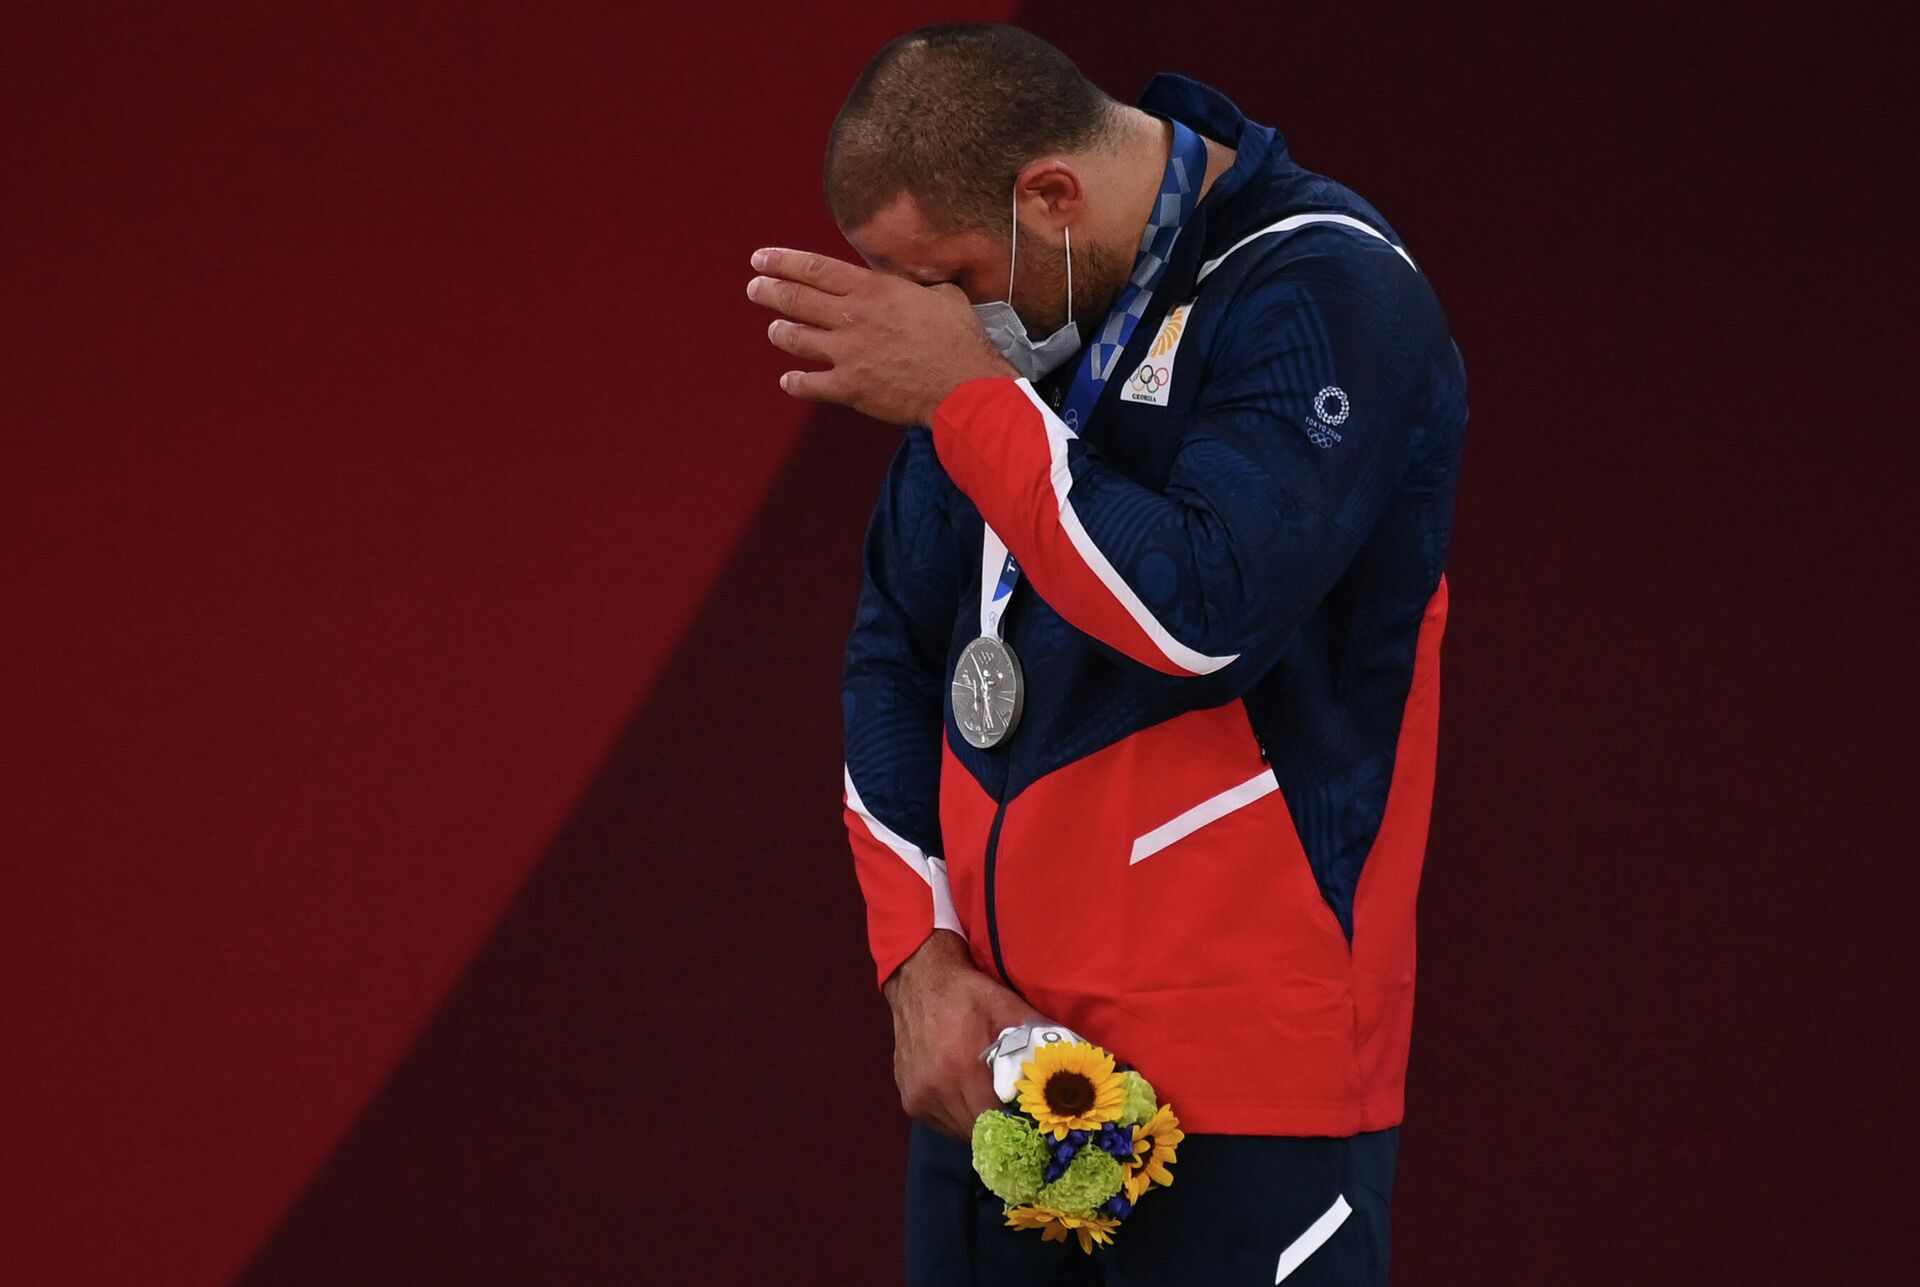 Гурам Тушишвили (Грузия), завоевавший серебряную медаль в соревнованиях по дзюдо - Sputnik Таджикистан, 1920, 09.08.2021